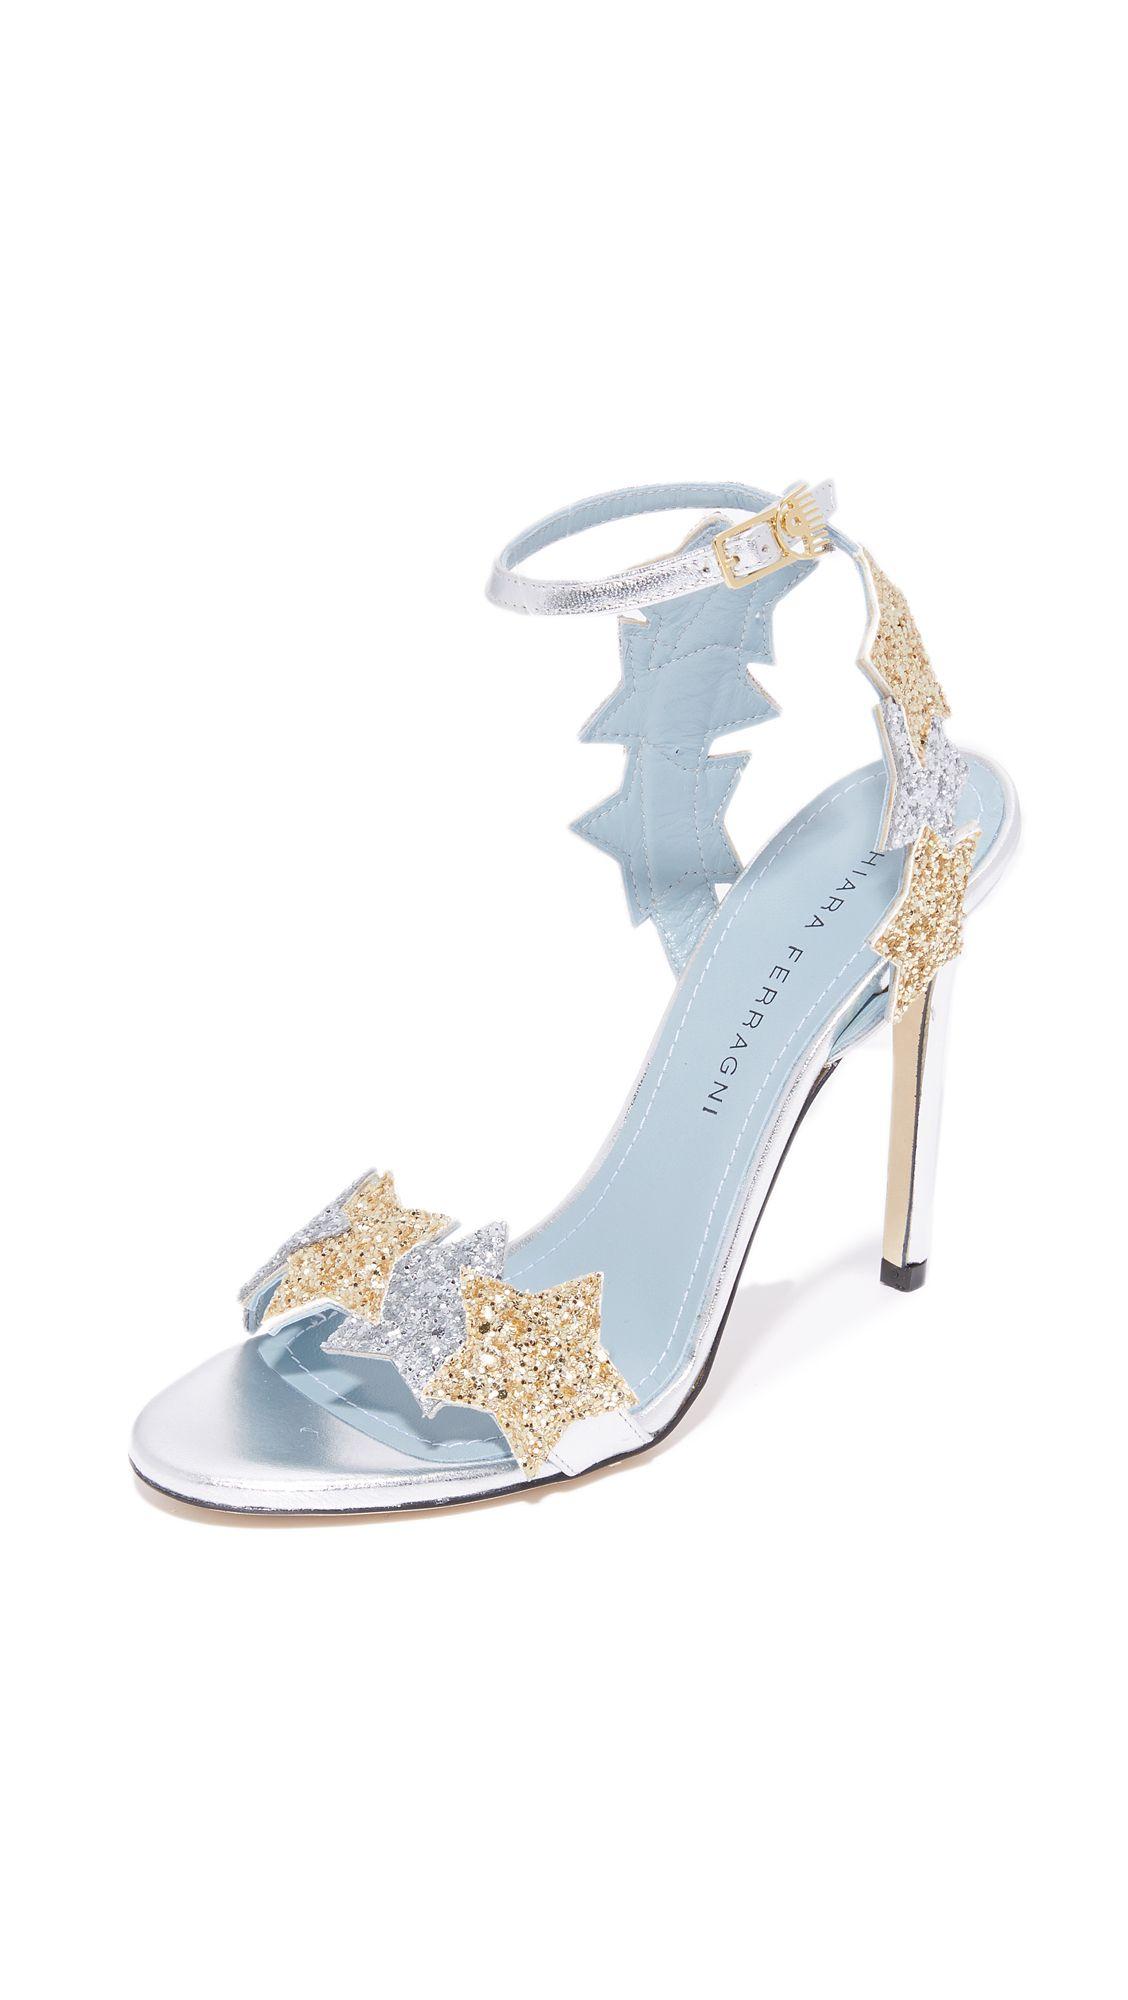 66d79e5737f20 Star Sandals by Chiara Ferragni Designer Heels for a Wedding ...